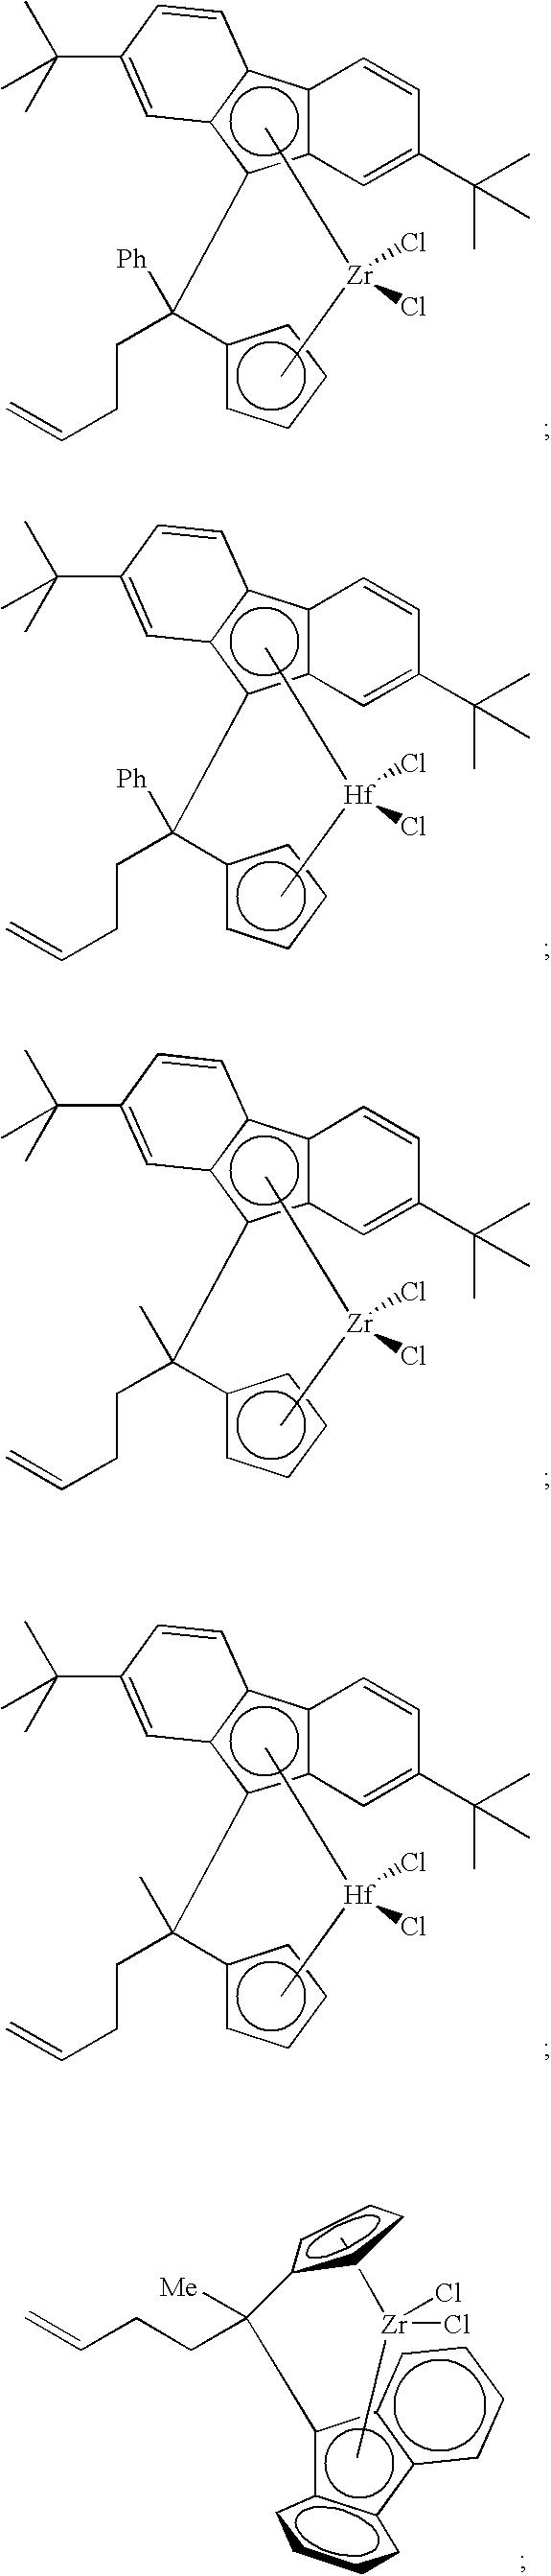 Figure US07226886-20070605-C00001